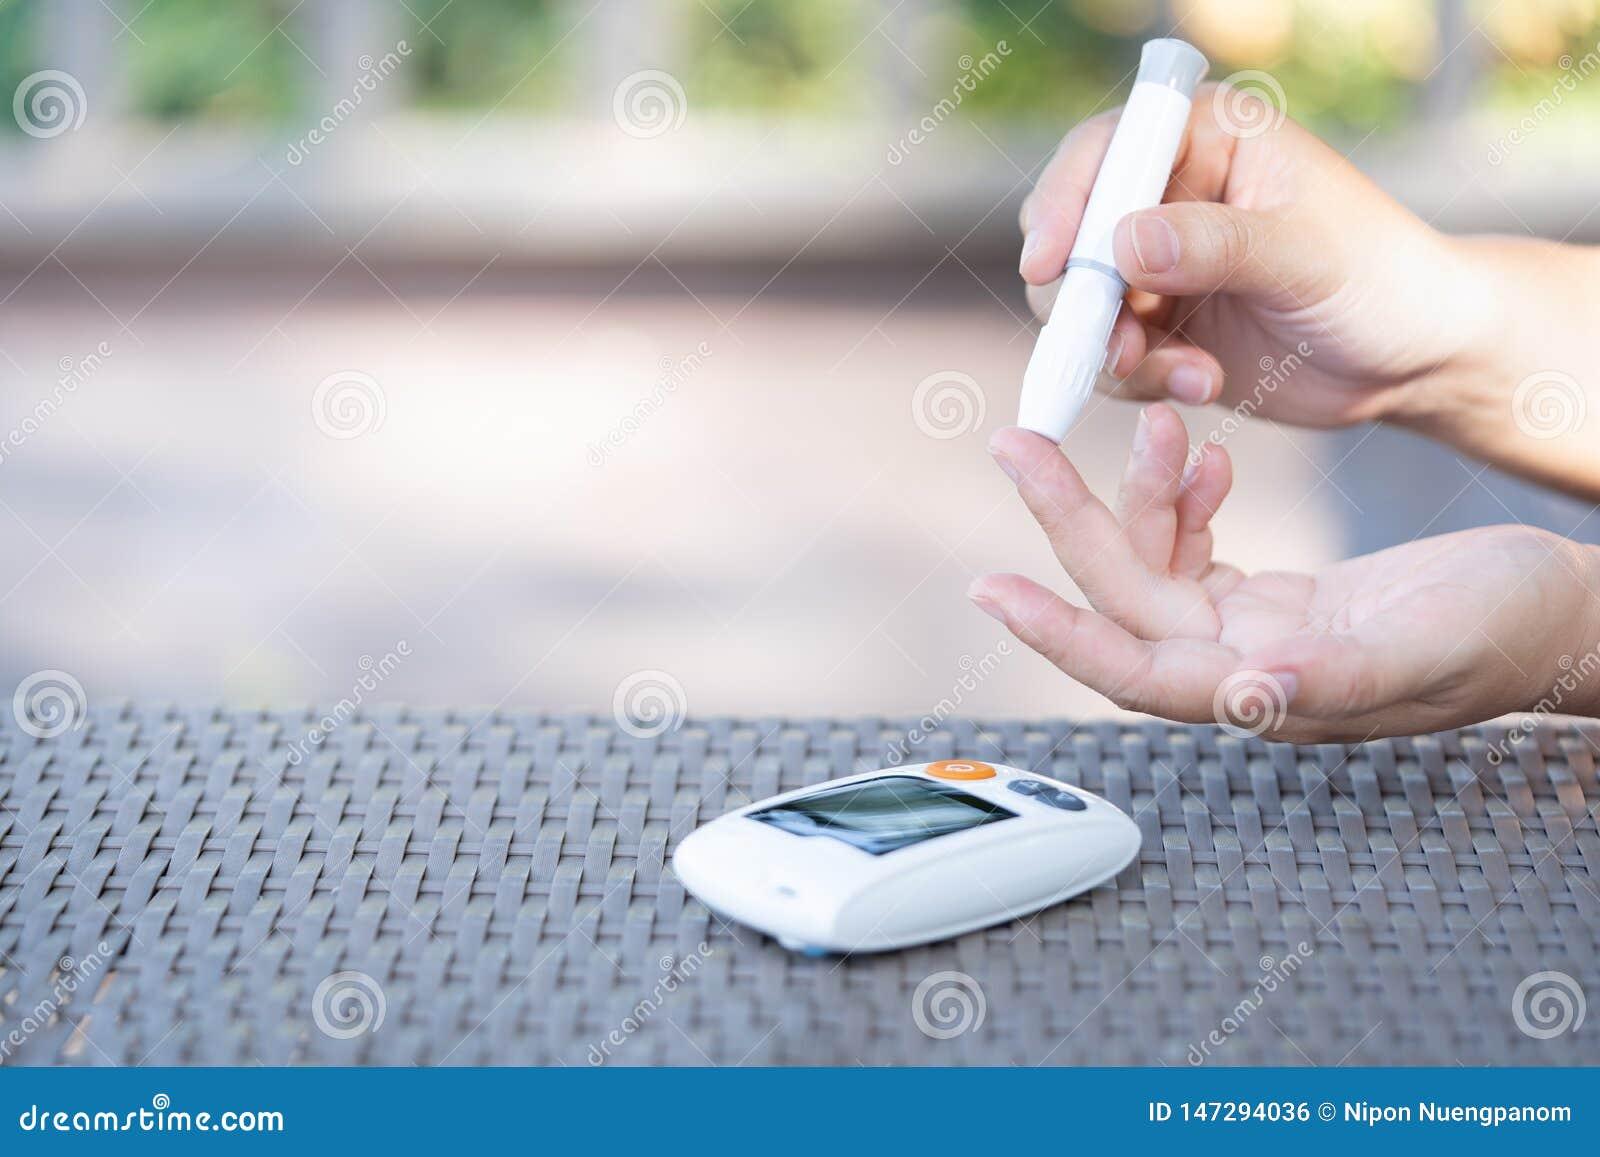 Mulher que usa a lanceta no dedo para verificar o nível do açúcar no sangue